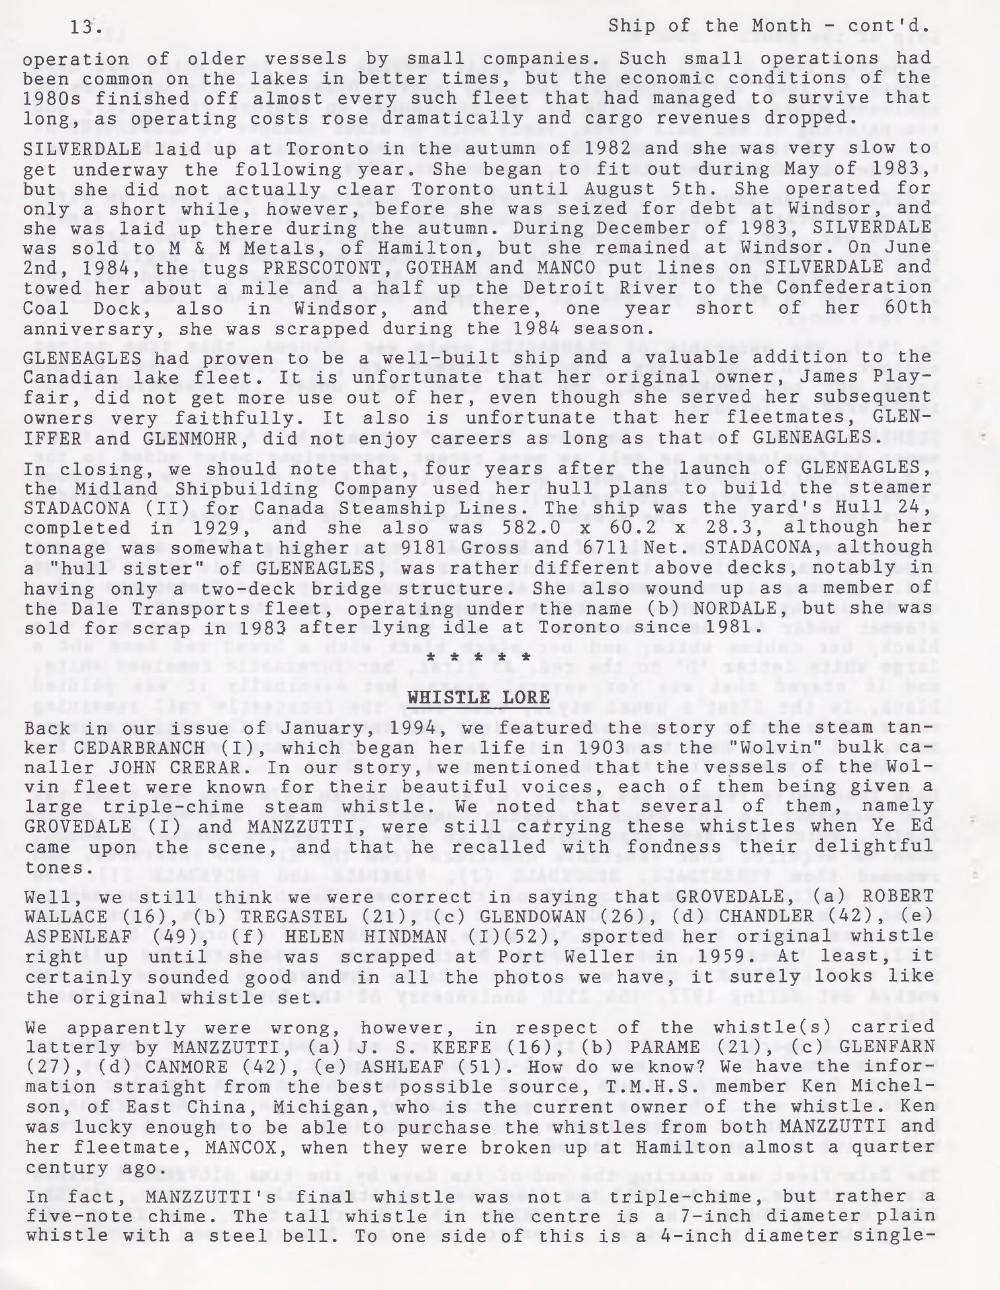 Scanner, v. 27, no. 1 (October 1994)